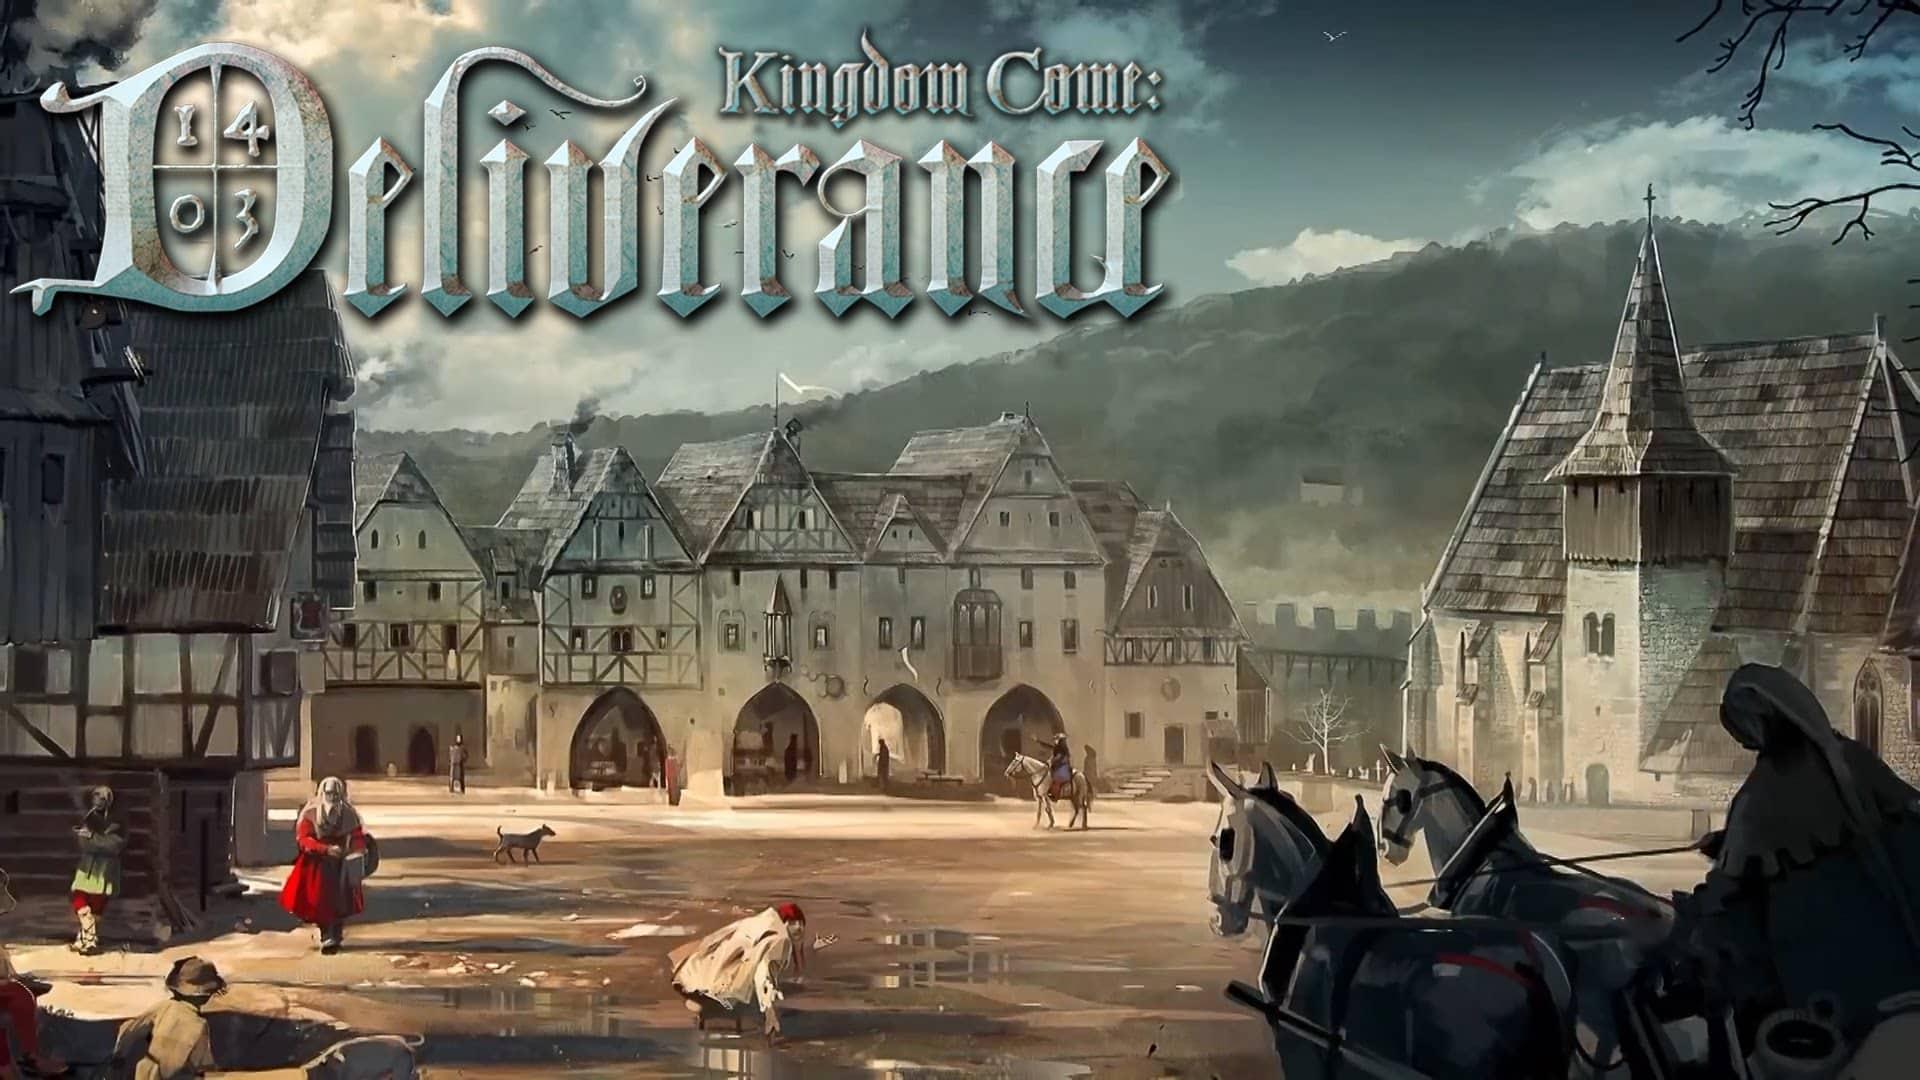 pc gaming.it tf gallery gameszone game header 30441 1 - Rilasciato l'Accolades Trailer di Kingdom Come: Deliverance